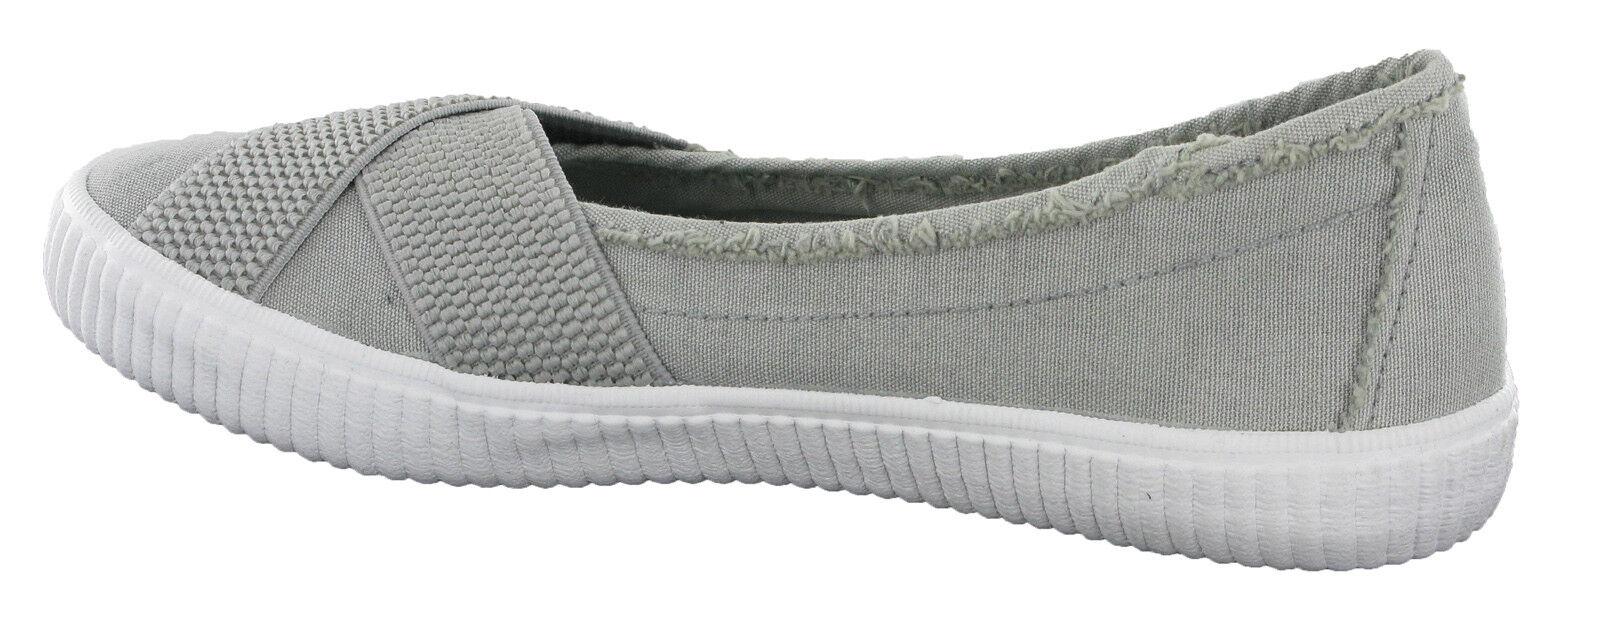 Blowfish bajo Spacey tacón bajo Blowfish para mujer Slip On Bombas Zapatos informales Zapatillas De Tenis Confort ceb73f